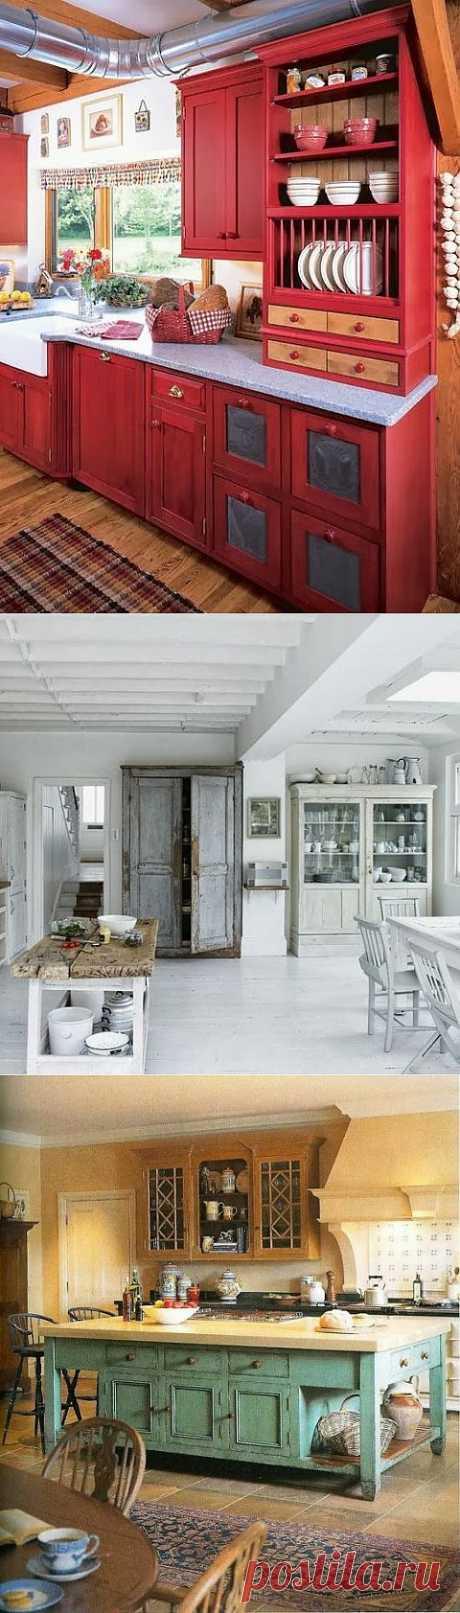 Кухни в деревенском стиле   МОЙ ДОМ